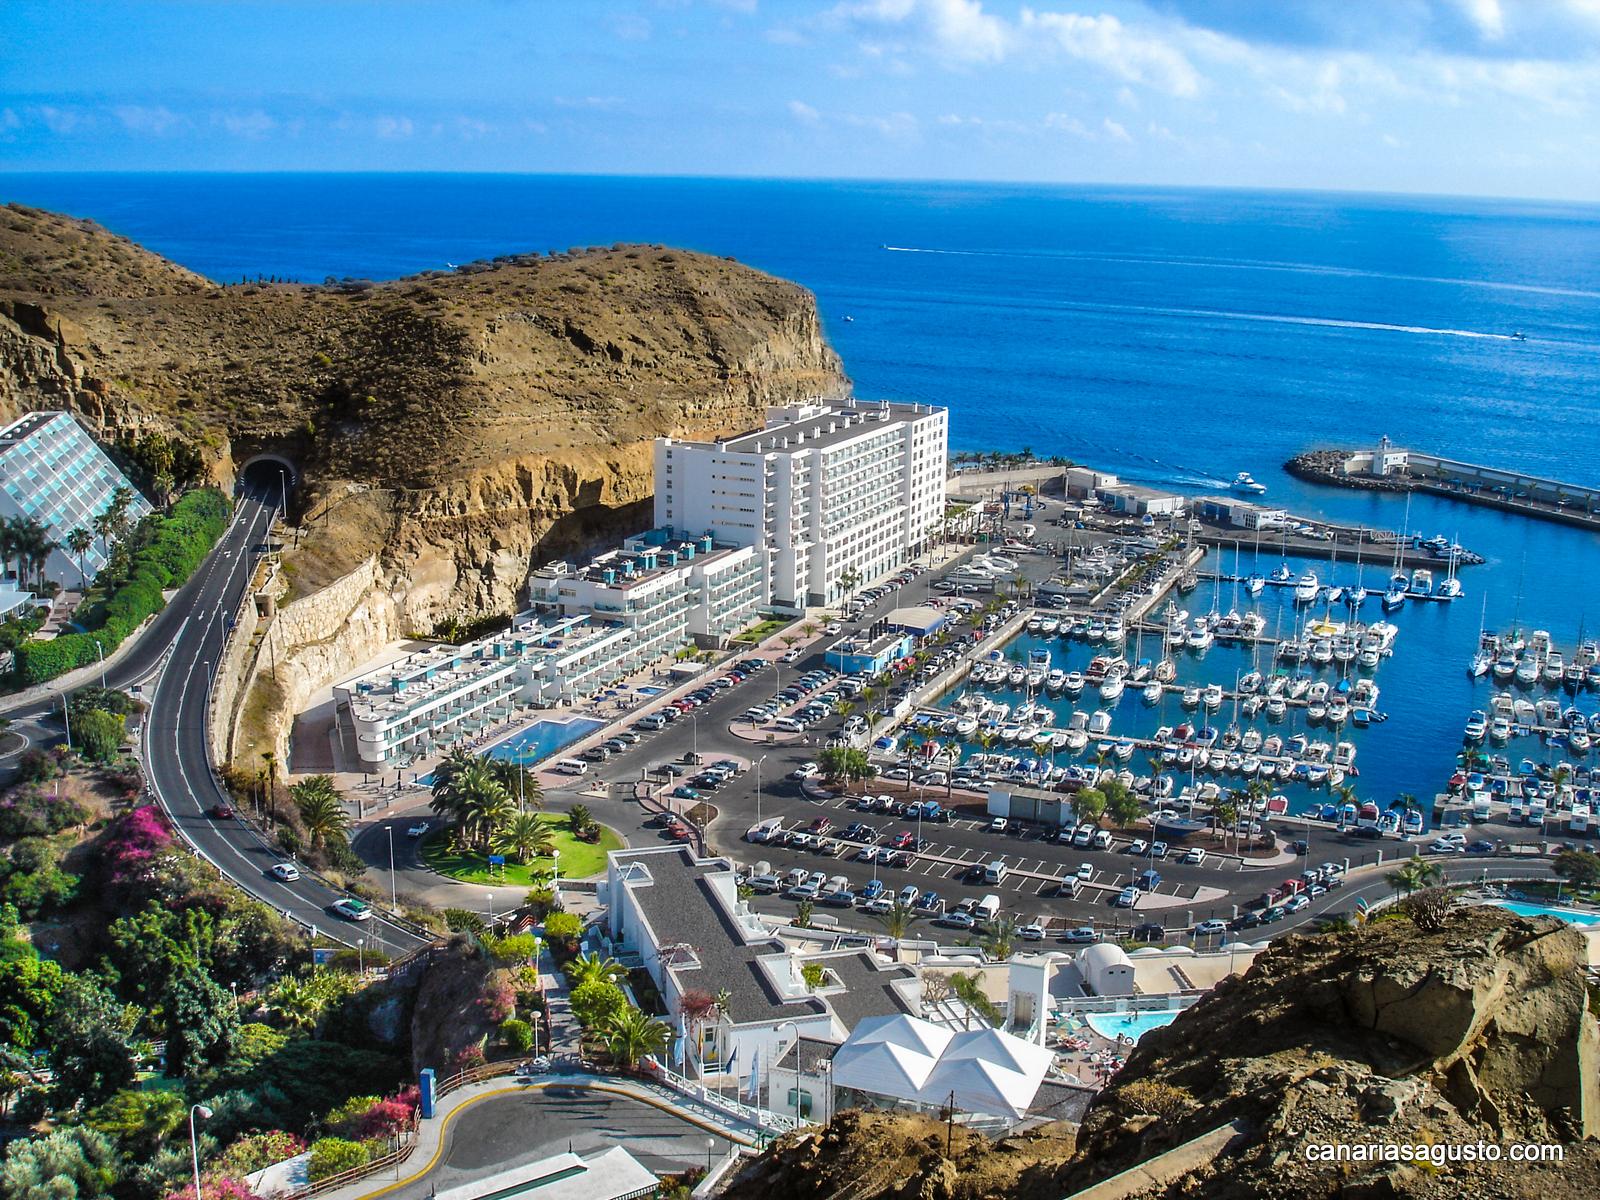 Puerto Escala en Puerto Rico, Mogan, Gran Canaria